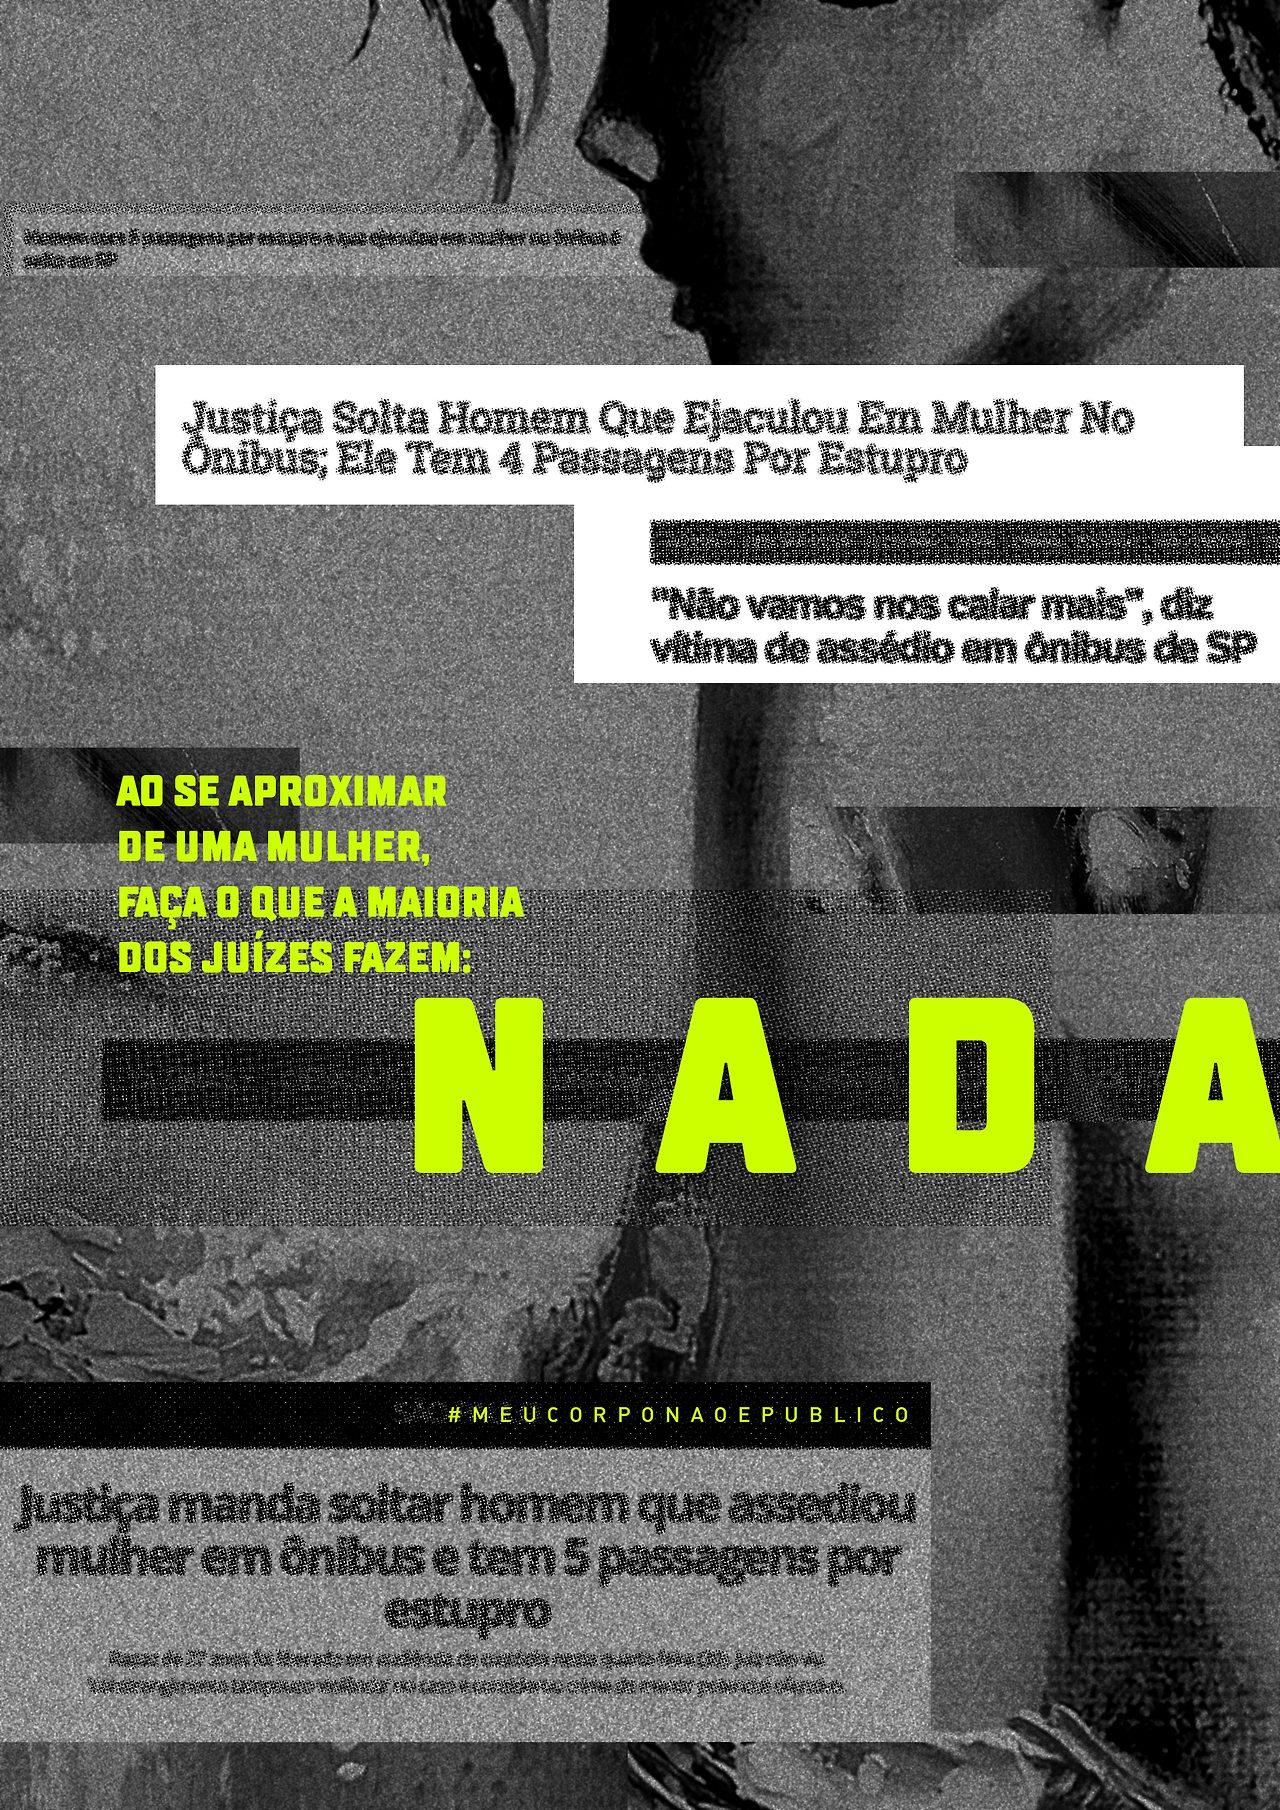 Mulheres se unem em movimento contra abusadores no transporte público: #MEUCORPONÃOÉPÚBLICO 6